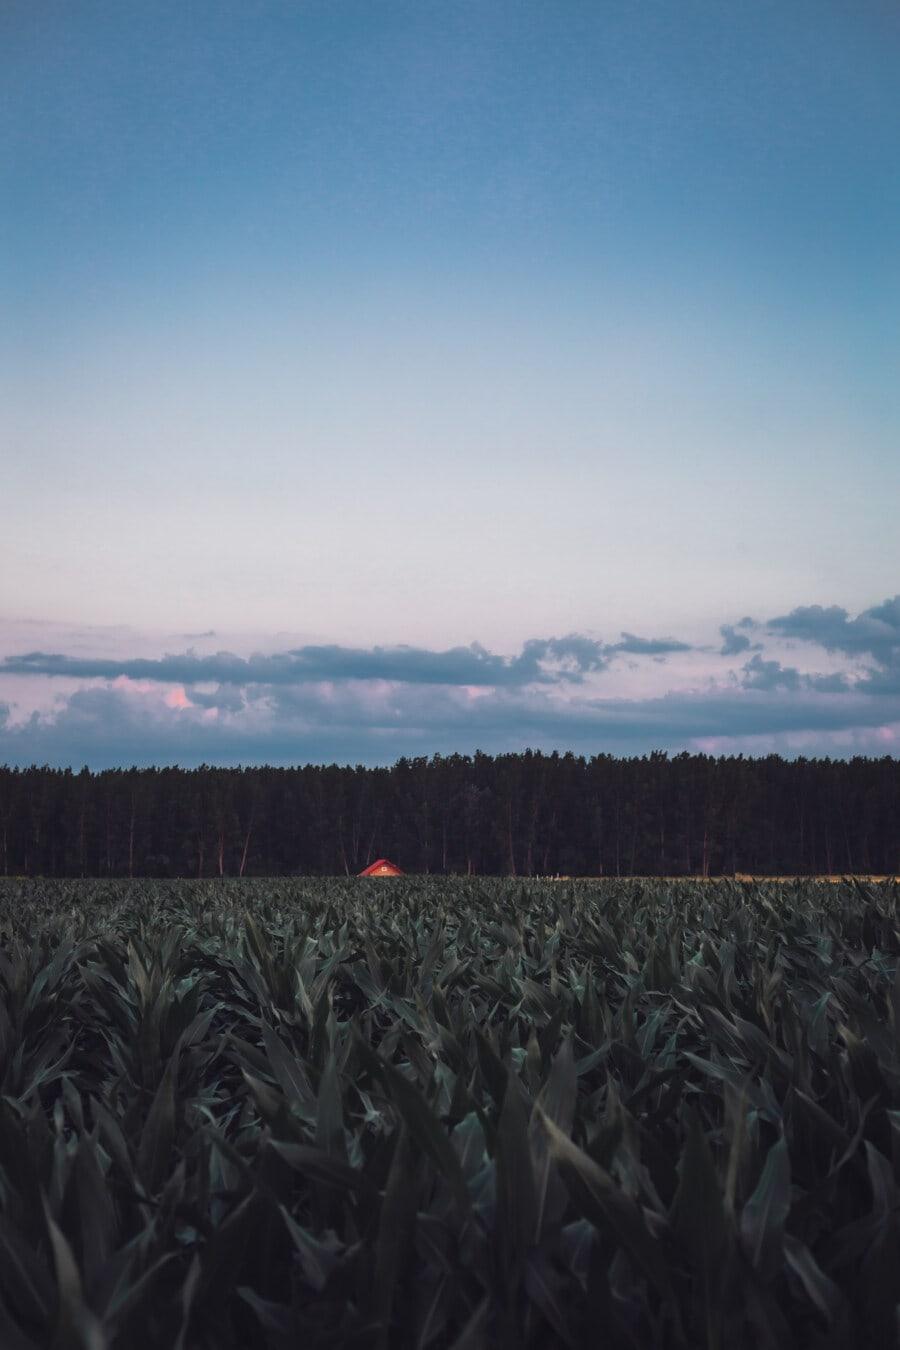 Kornfeld, Mais, Landwirtschaft, Ackerland, Bauernhof, Landwirtschaft, Dämmerung, Natur, Feld, des ländlichen Raums